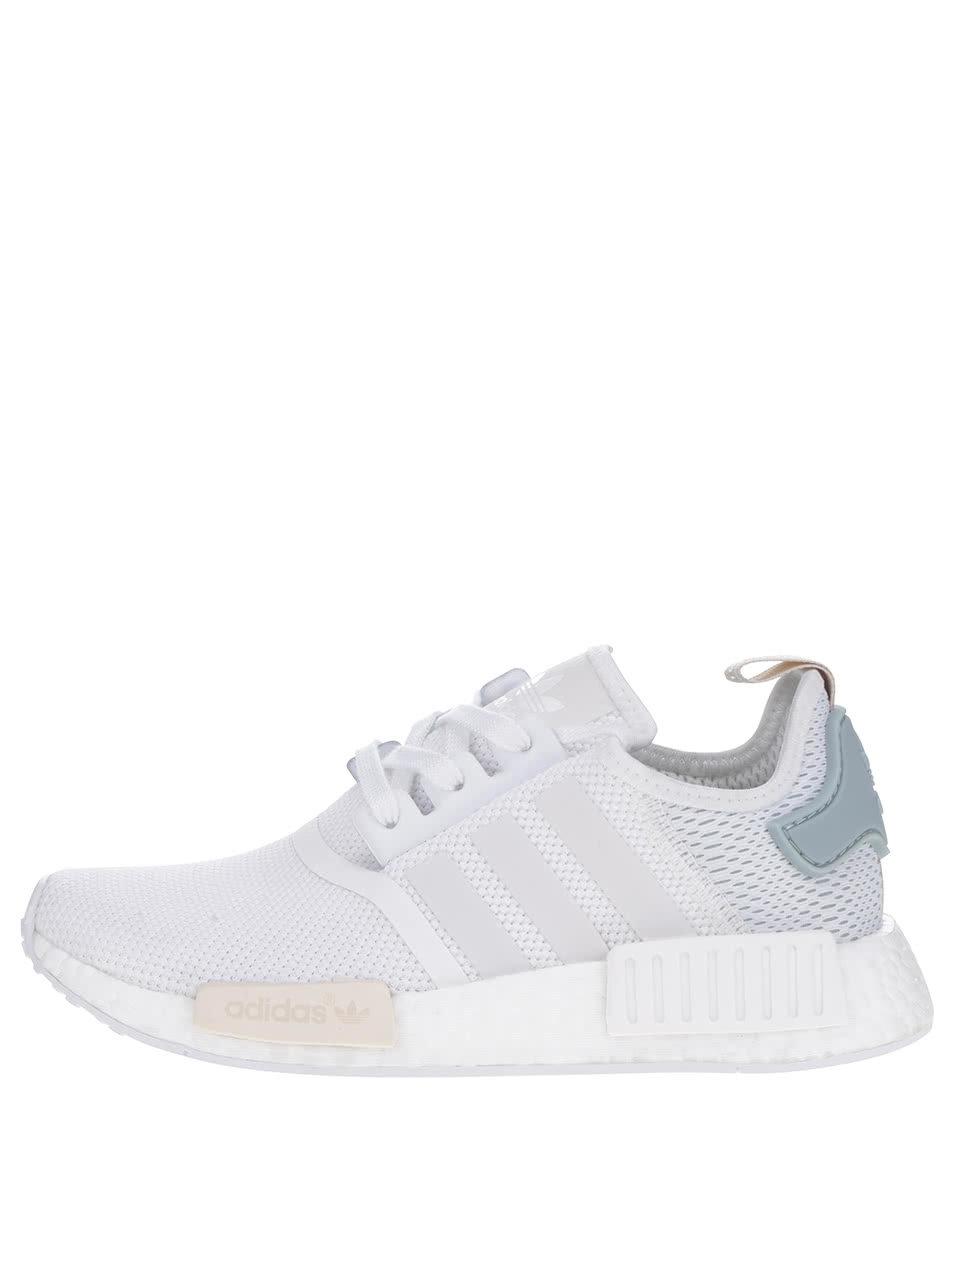 Biele dámske tenisky adidas Originals NMD ... 98e82f0495